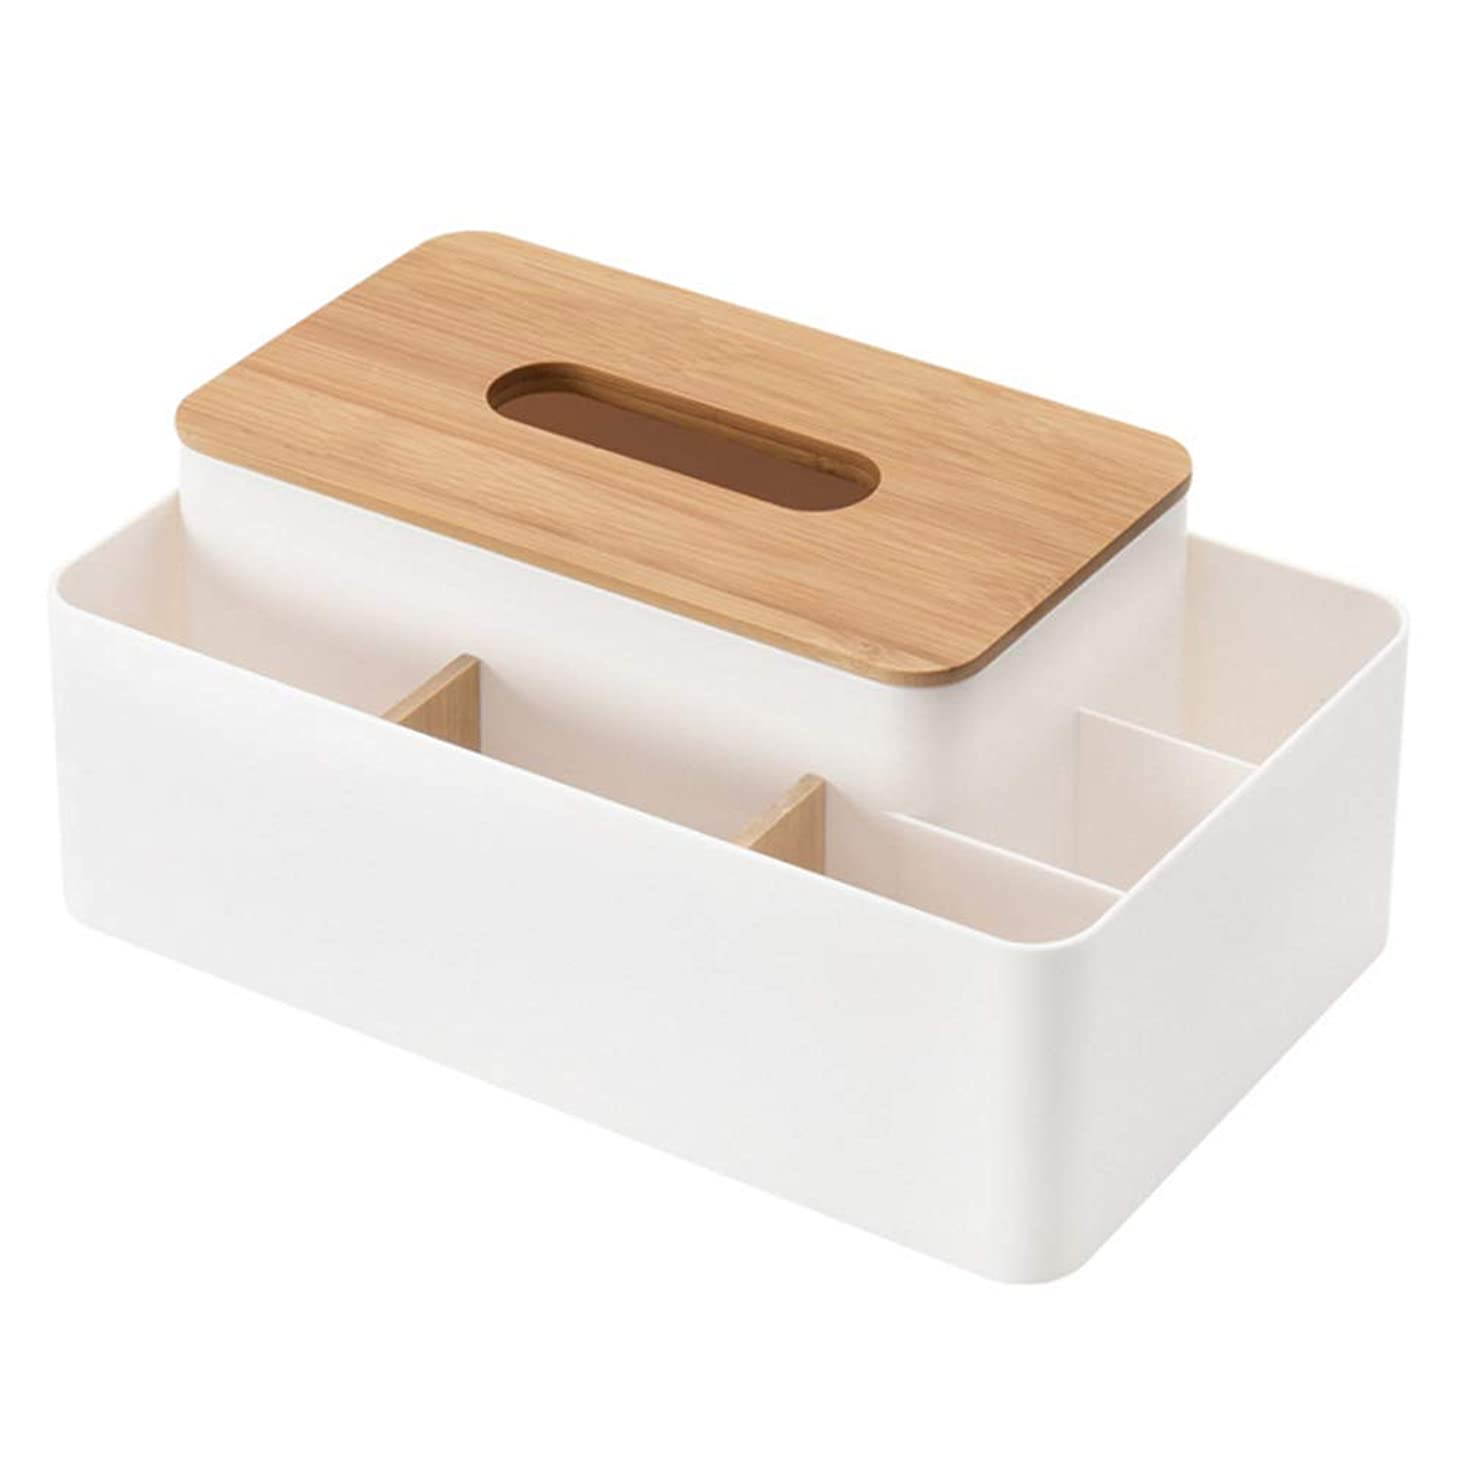 選出する能力暴露するSaytay ティッシュケース ティッシュボックス 化粧品収納ボックス 卓上収納ケース 収納ボックス 木蓋付き 木目調 高級感 書斎、テーブル、寝室、居間、事務室用 (ホワイト)